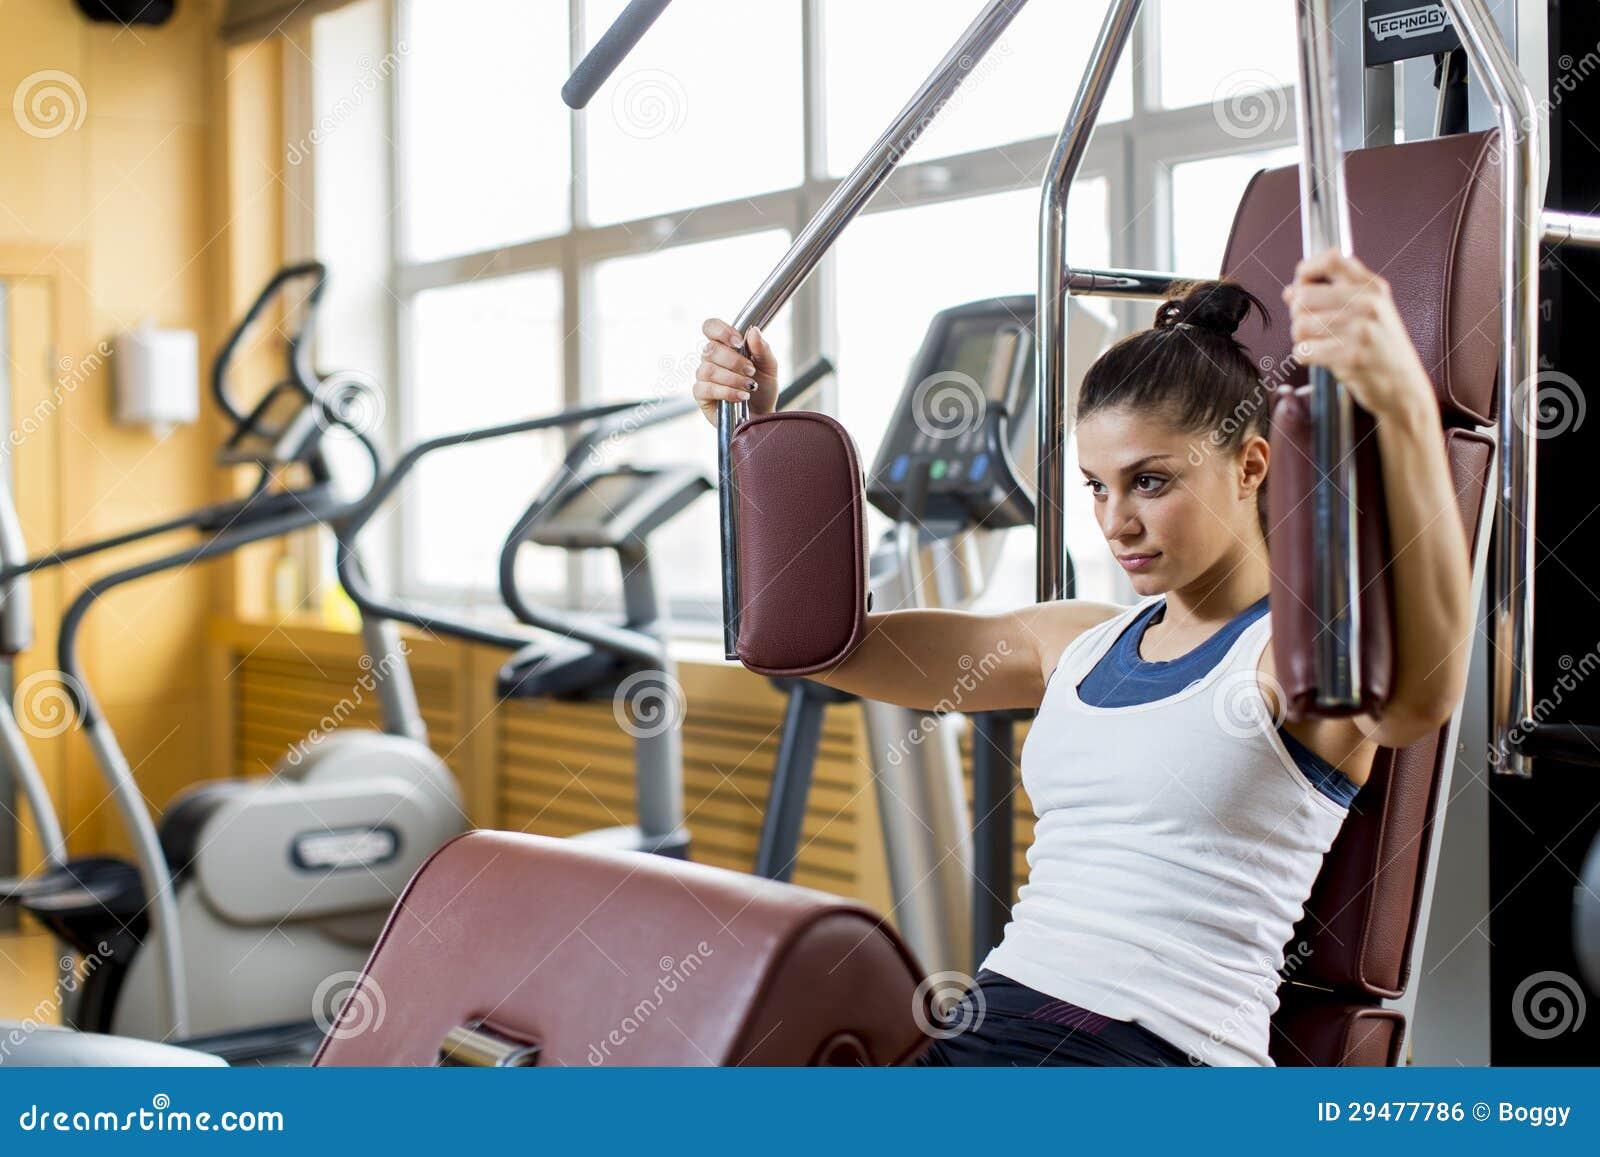 Mujer joven en el gimnasio imagen de archivo libre de for En el gimnasio